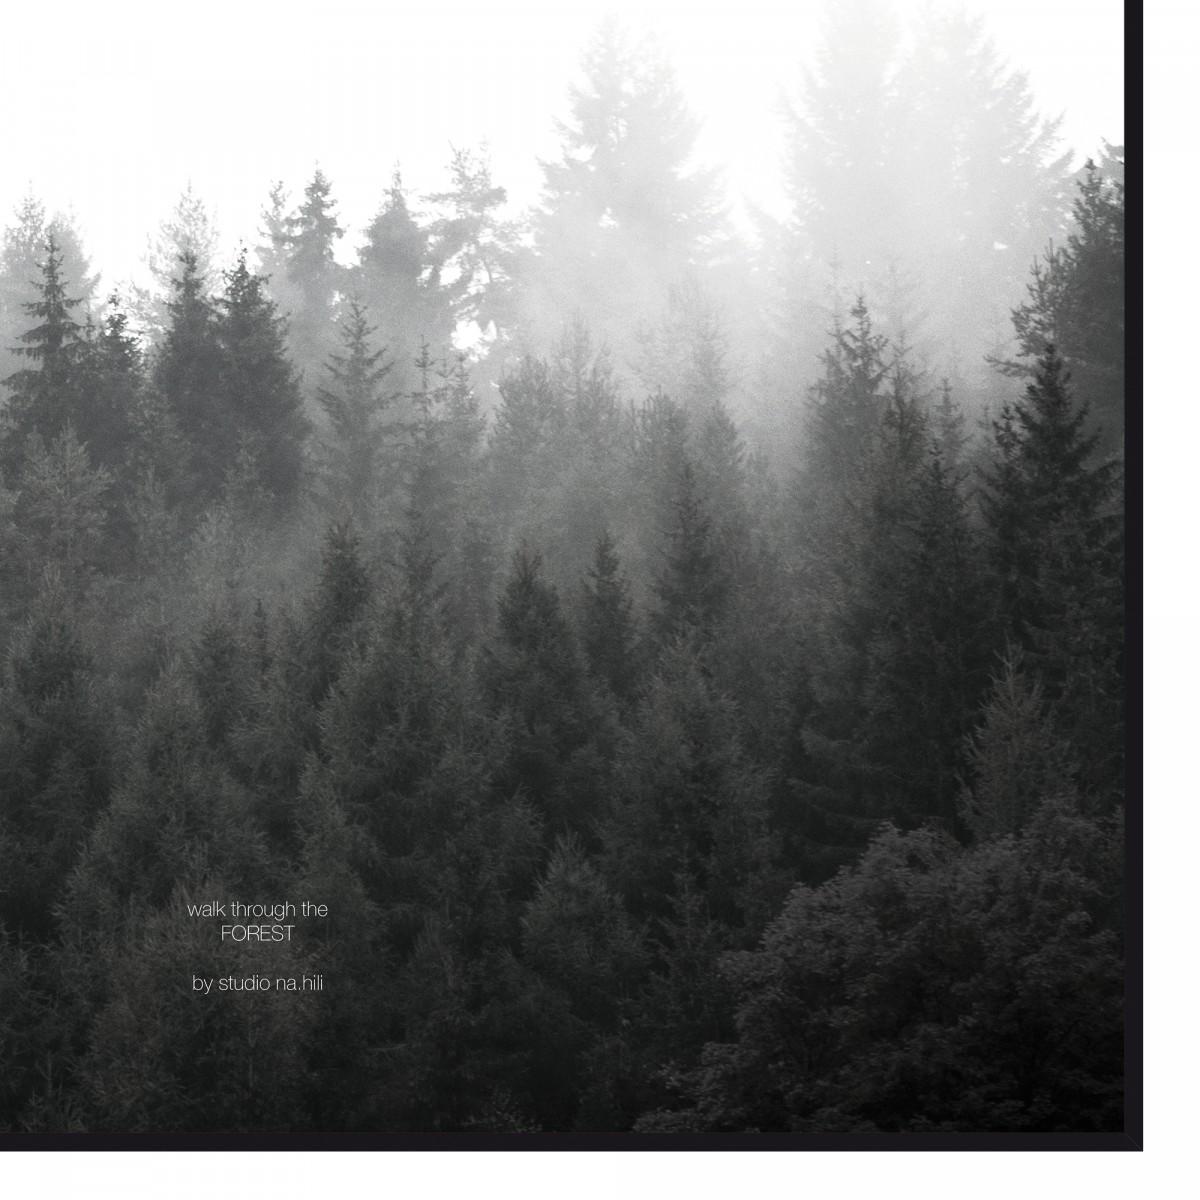 walk through the FOREST - A3 Artprint - Poster